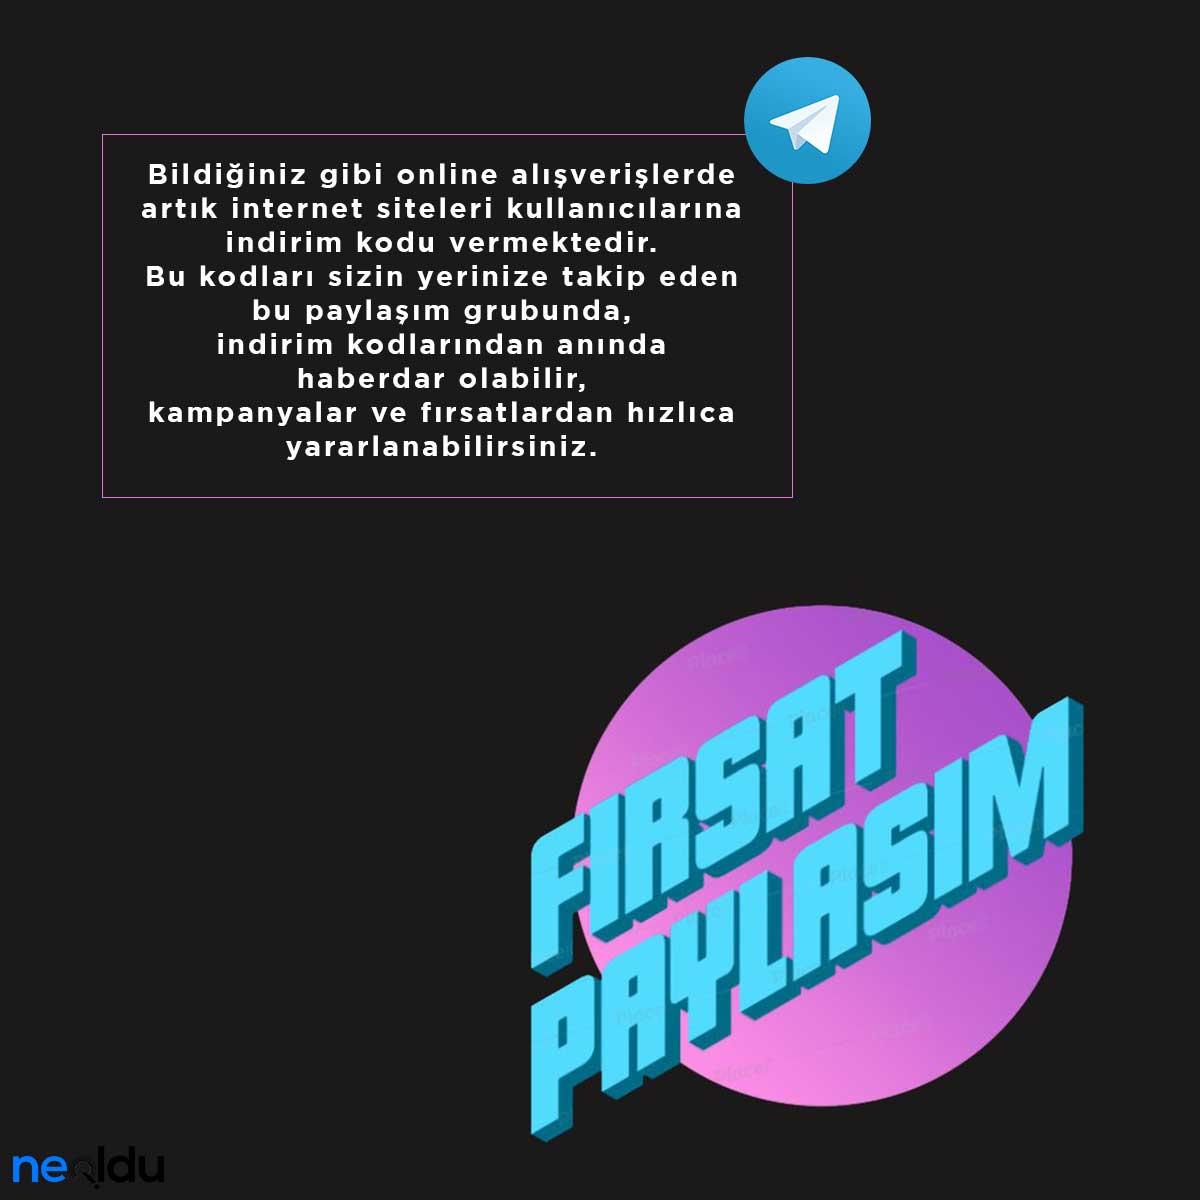 firsat-paylasim.jpg